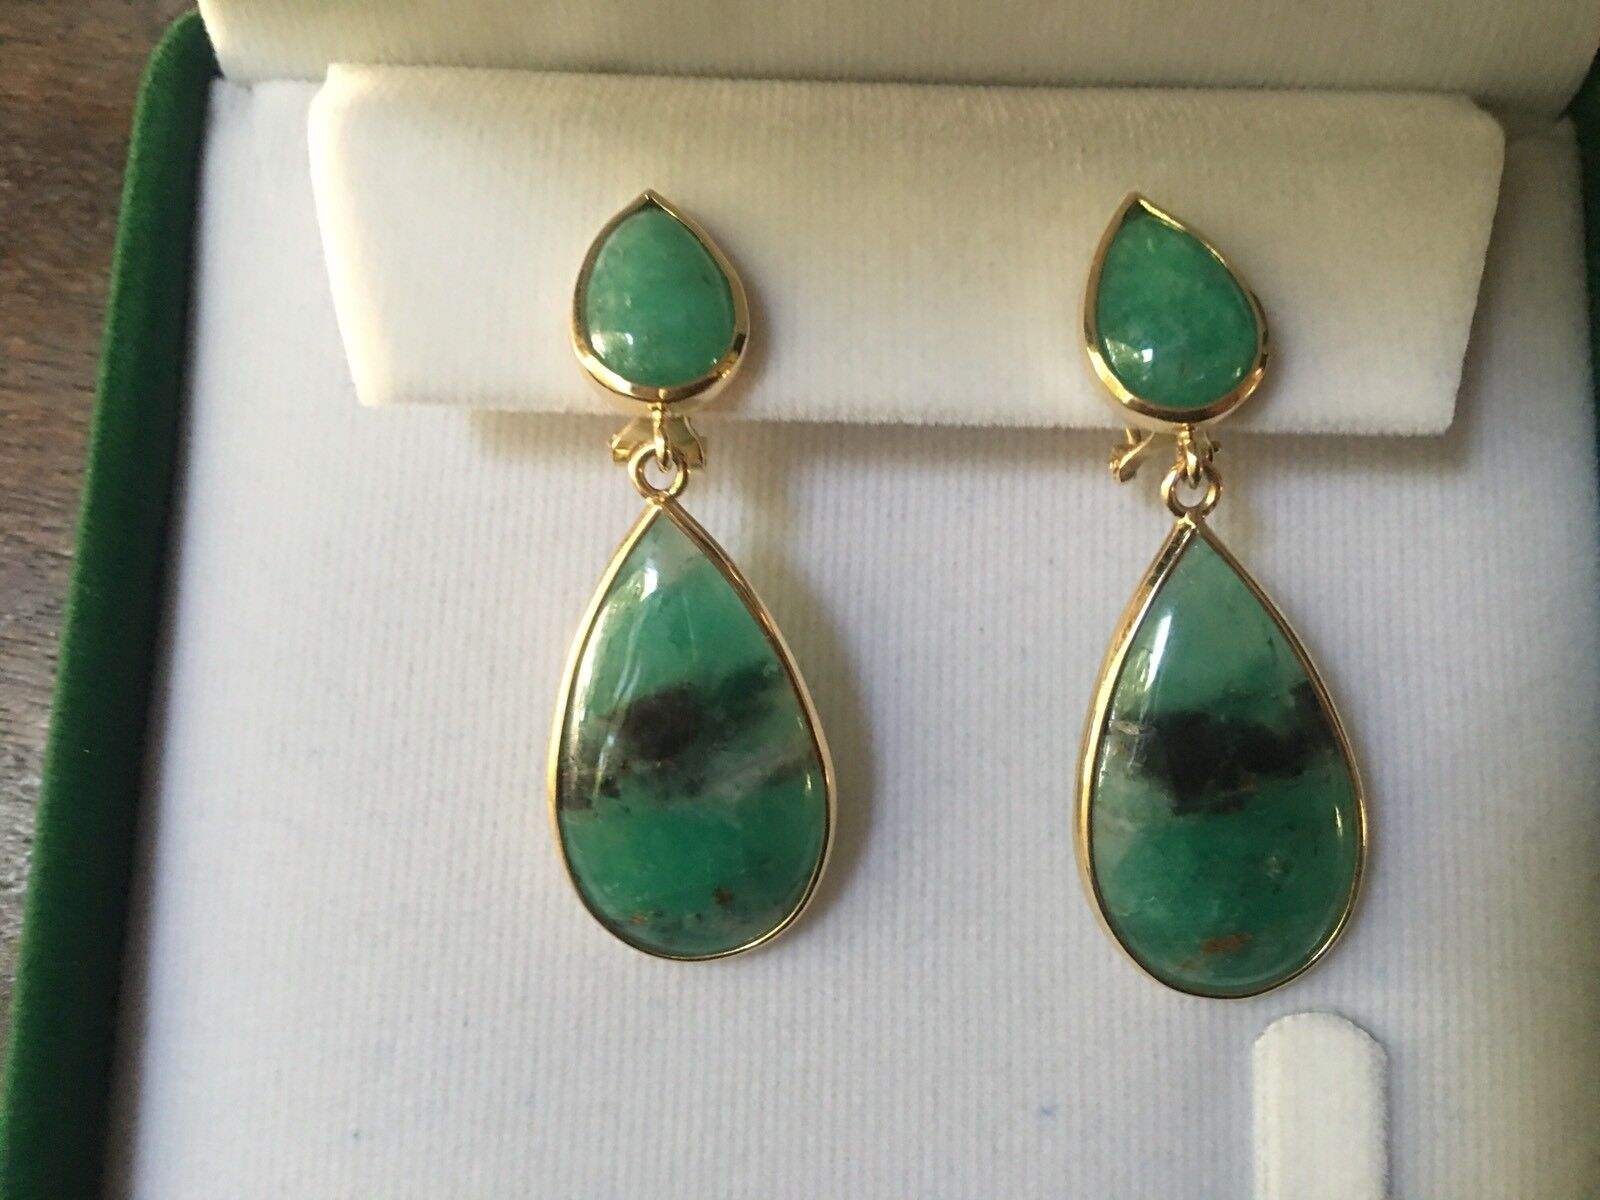 18KT Yellow gold Cabochon Teardrop Bezel Set Colombian Emerald Earrings NEW